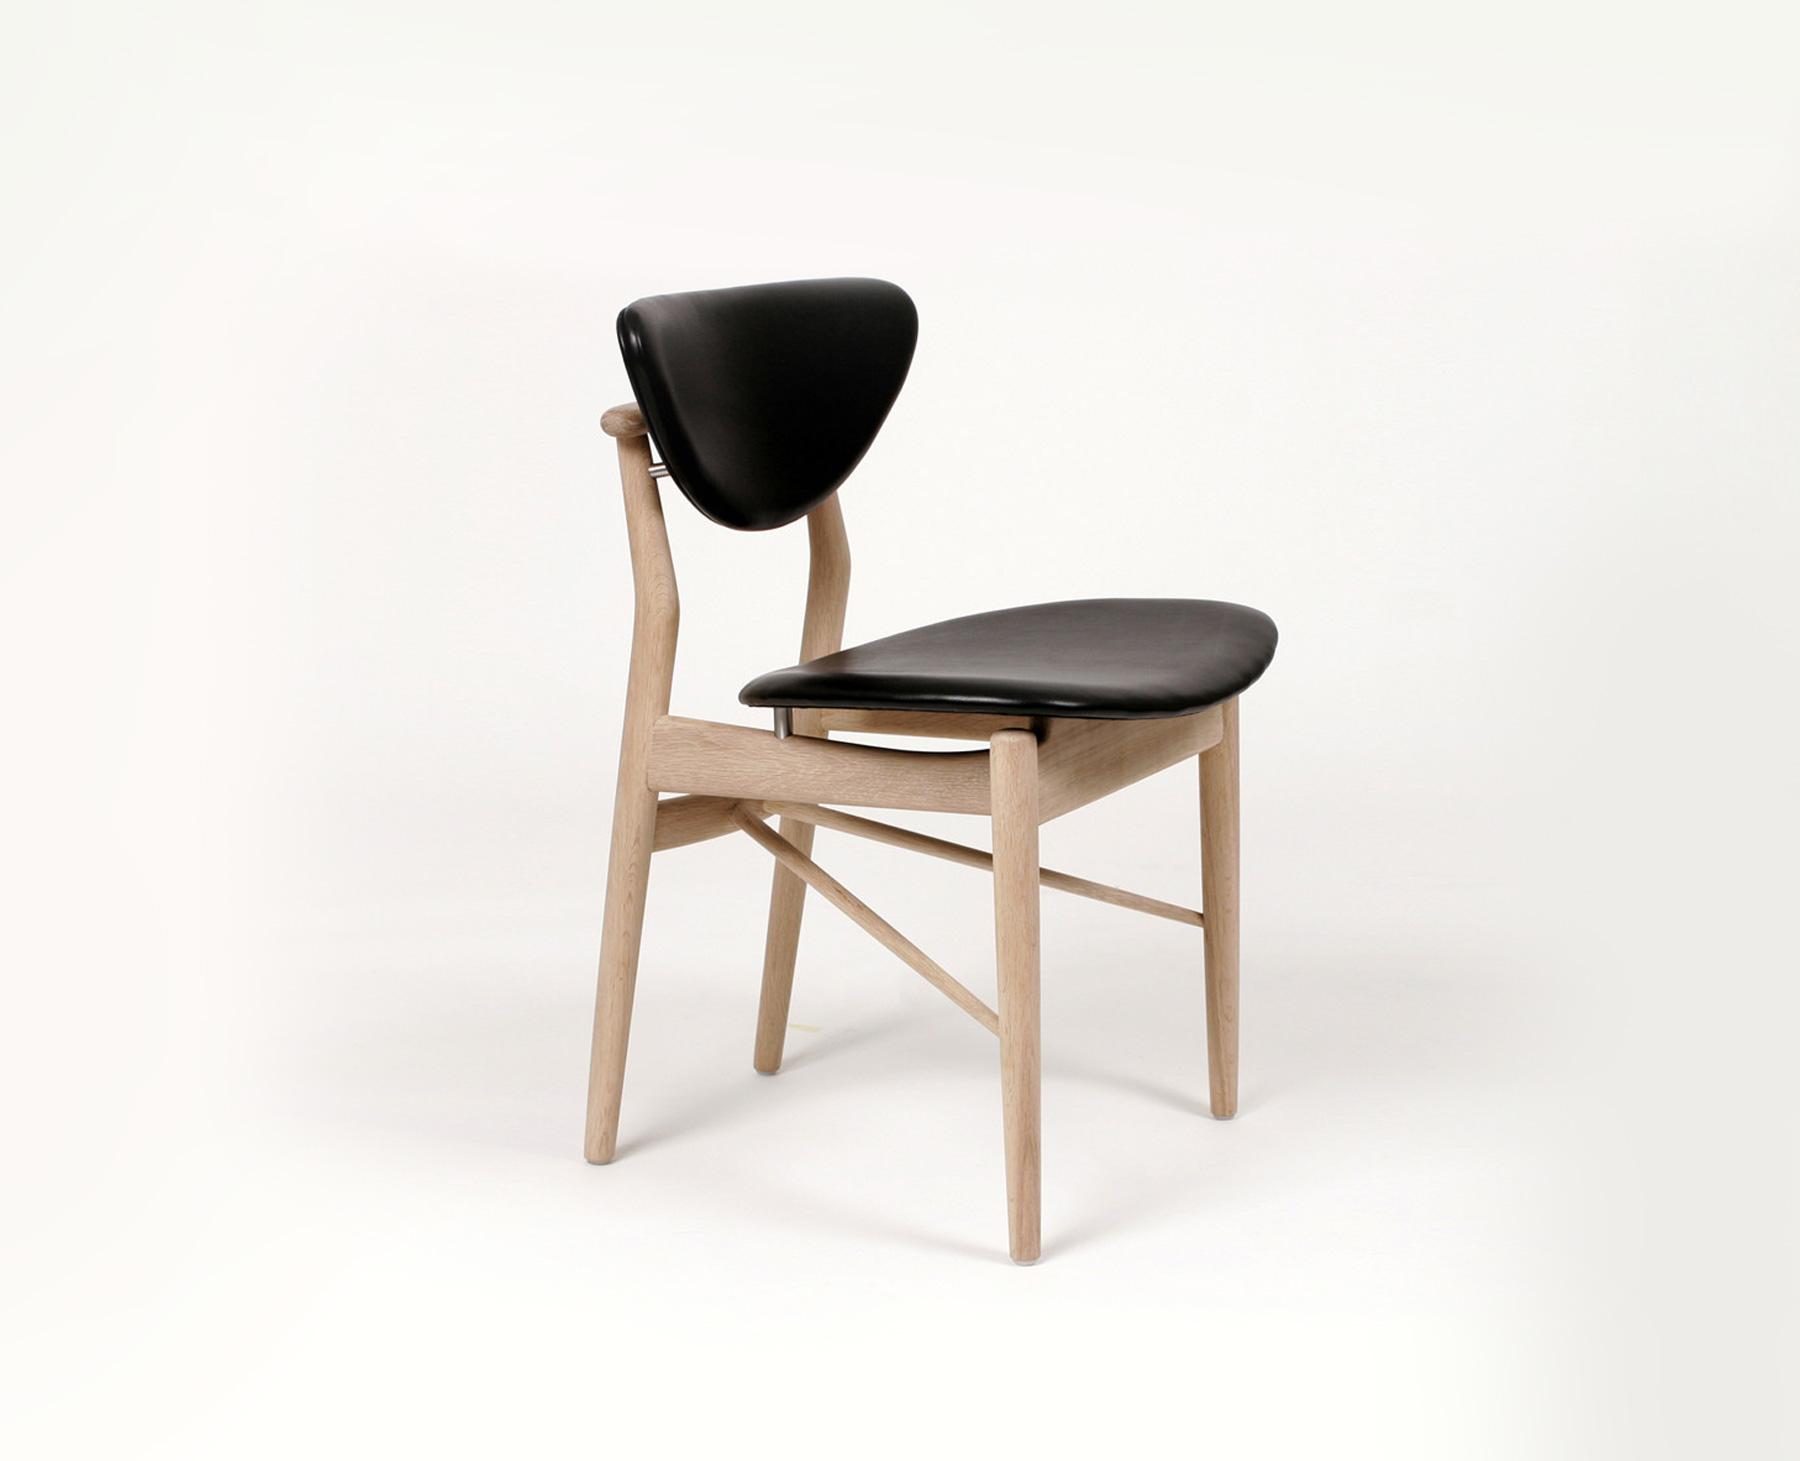 1-108 Chair